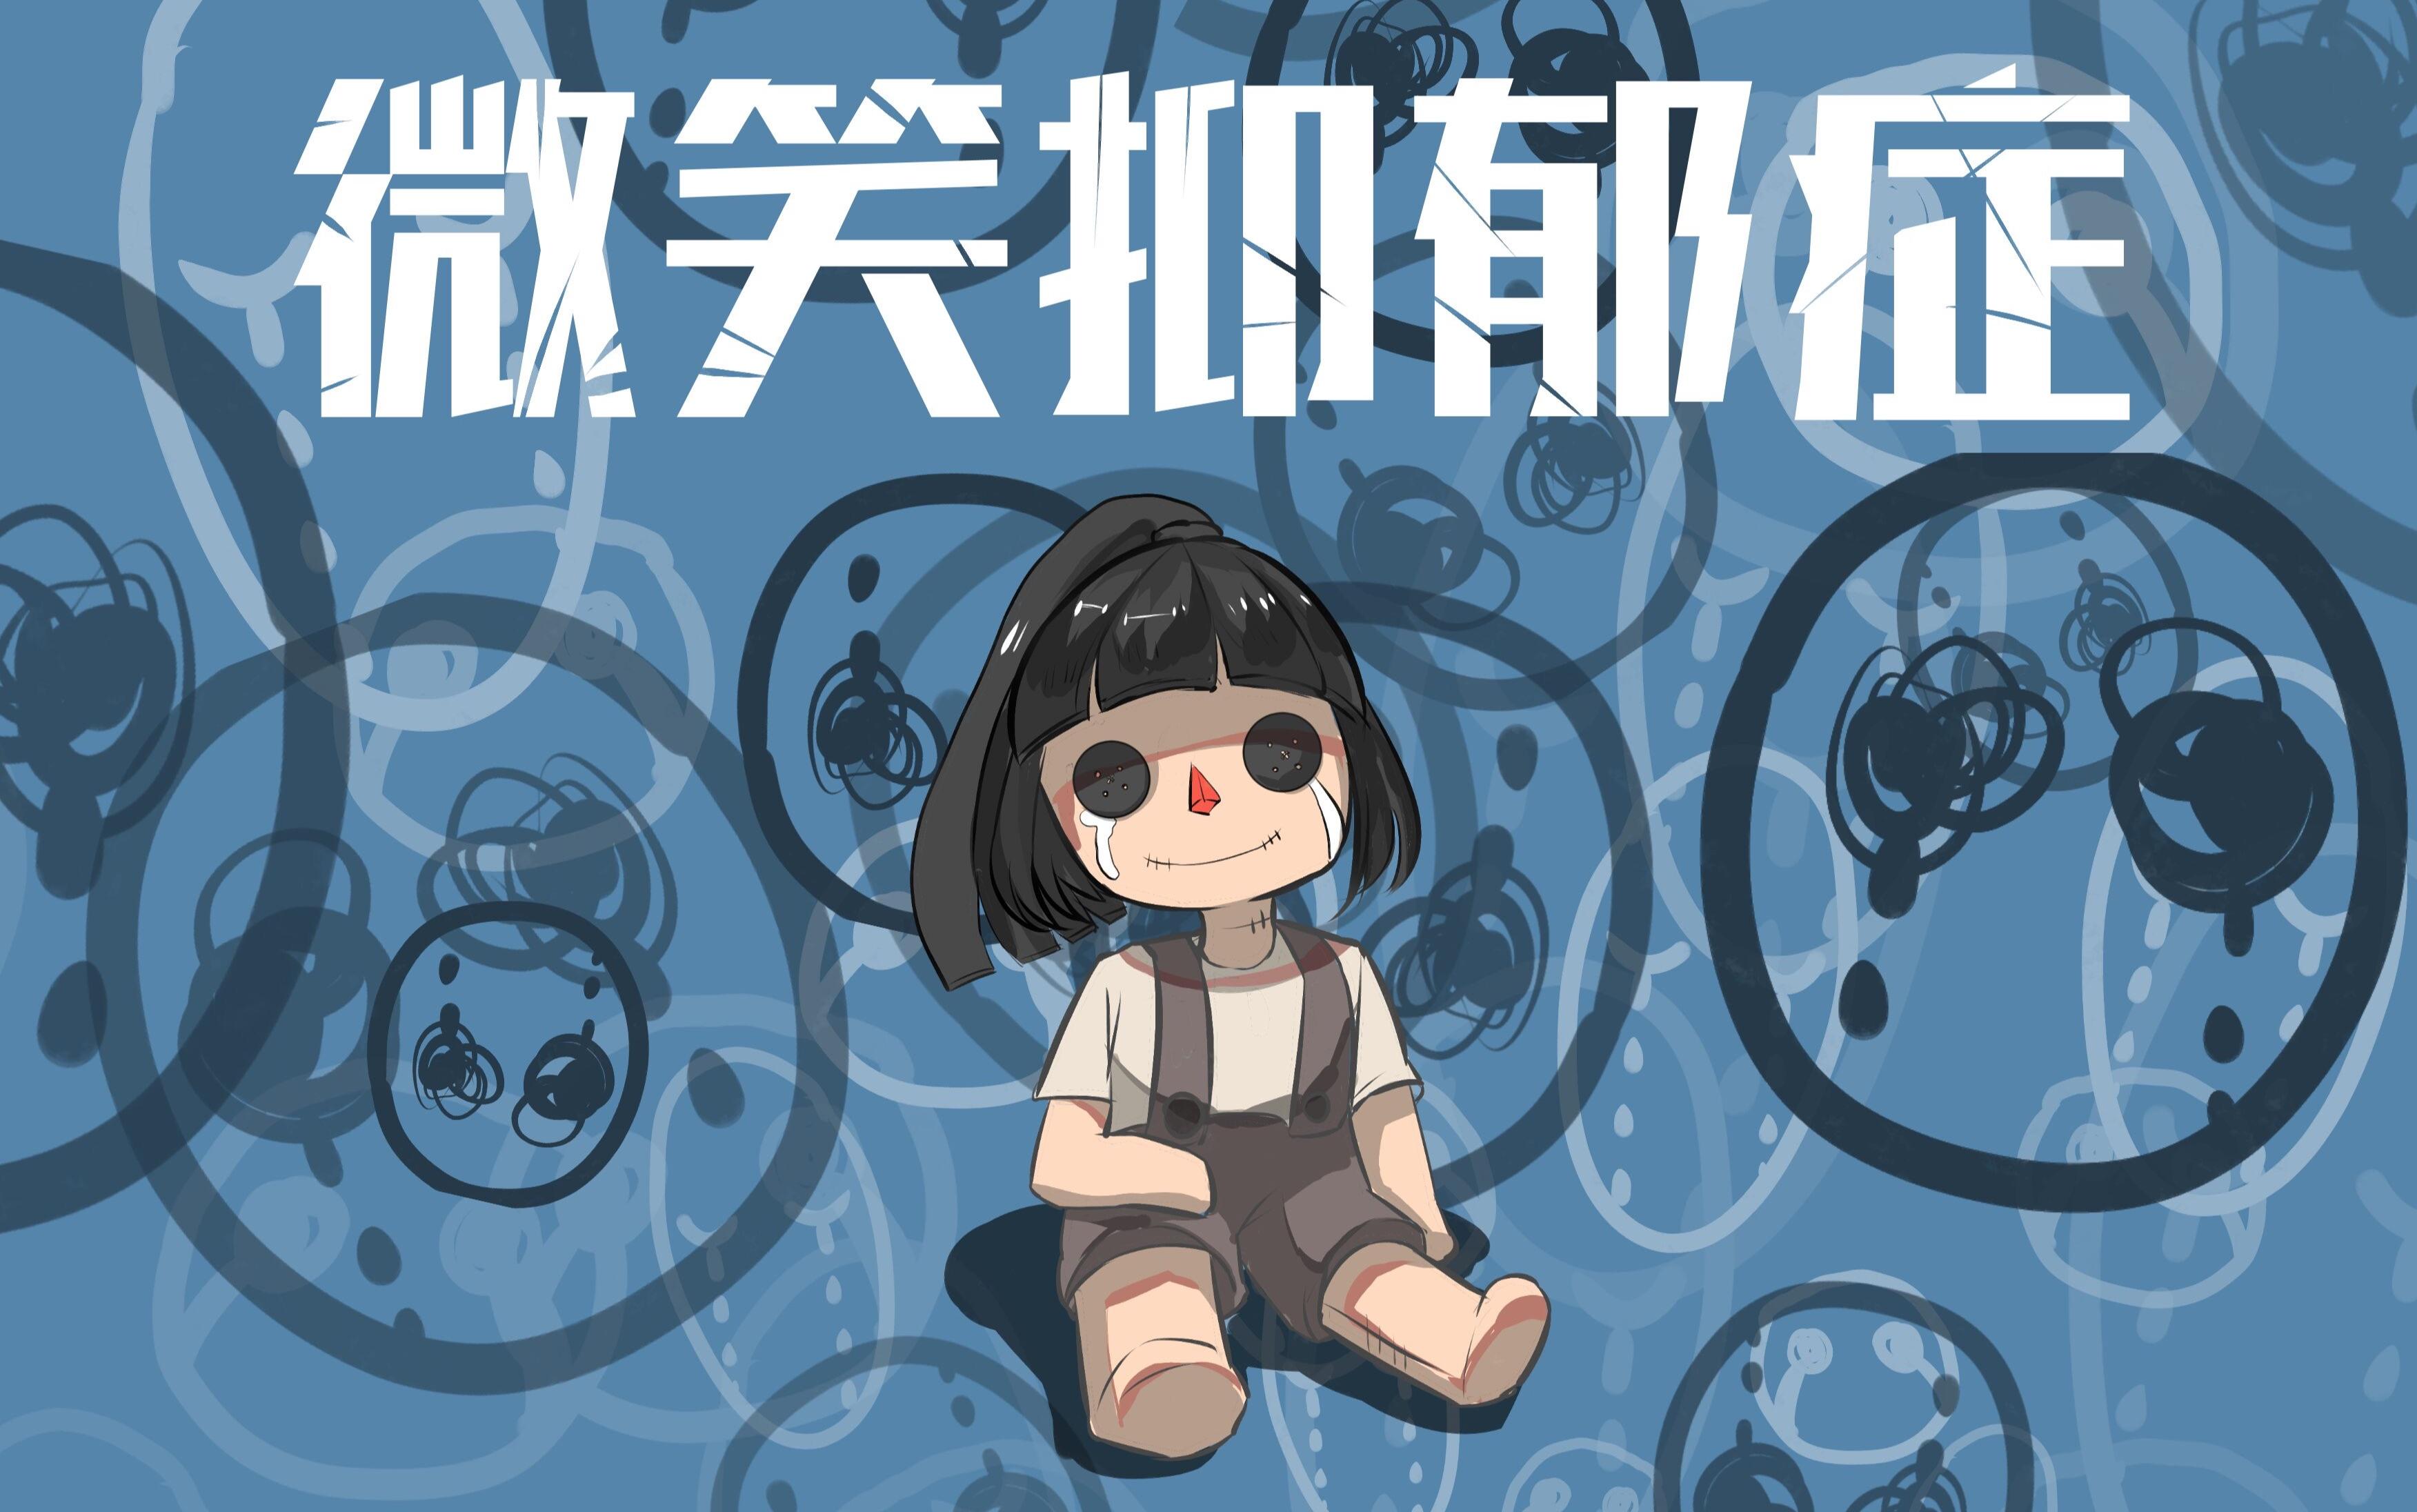 【原创自制】微笑抑郁症 --by 华中师大美院